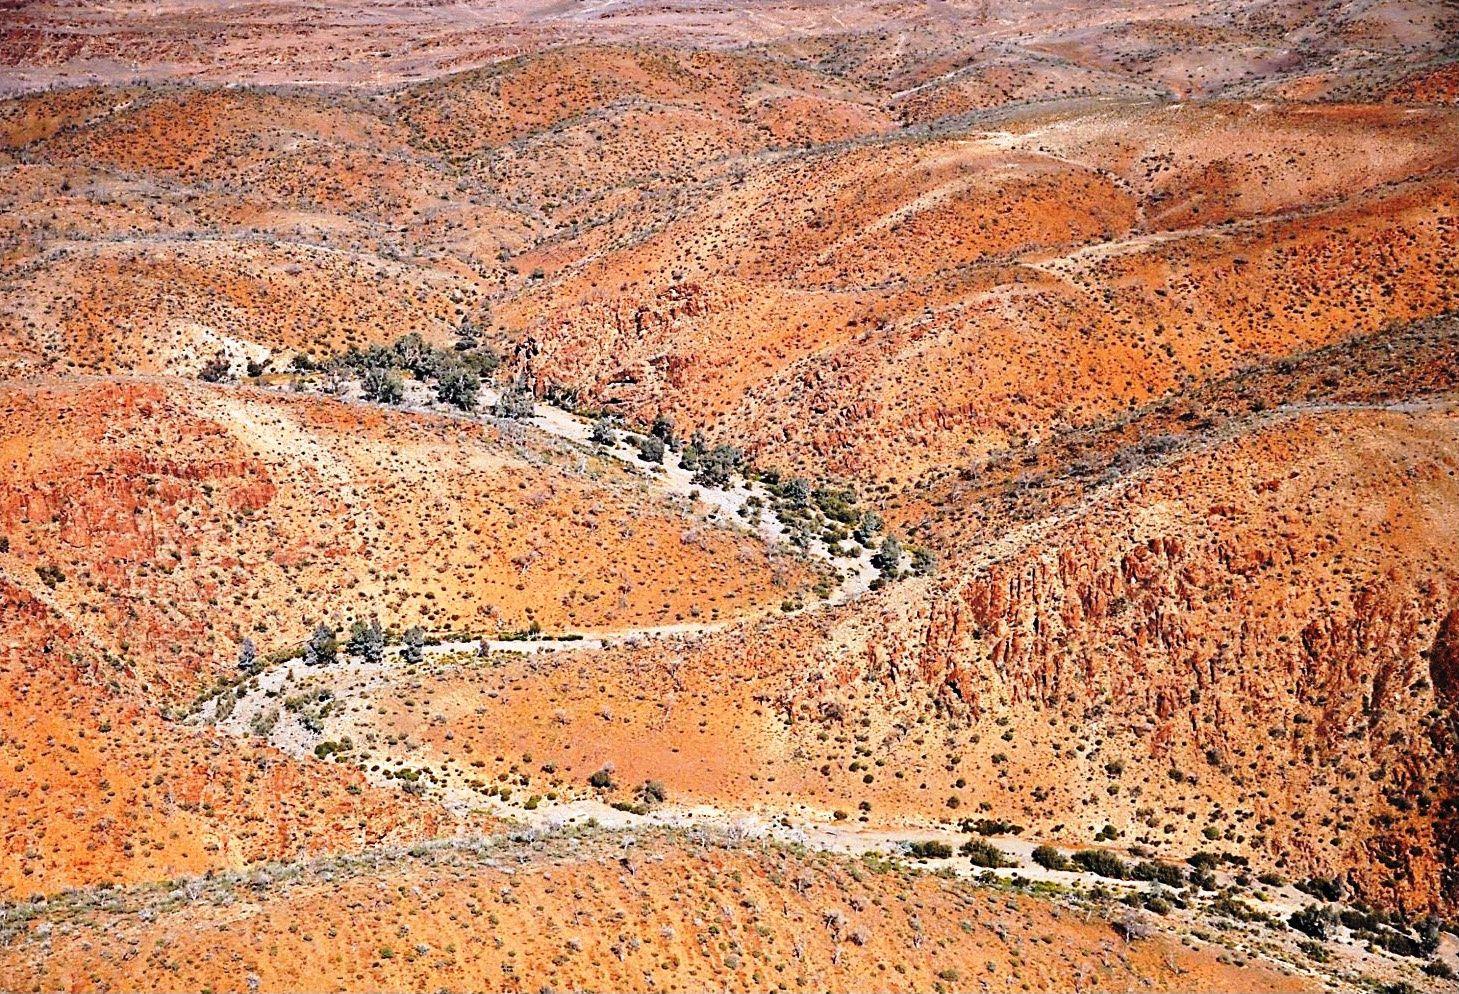 BEINRESTER OG VÅPEN: Dette flyfotoet viser fjellområdet i Nord-Australia der arkeologer de siste årene har funnet flere utrolige gjenstander fra urbefolkningen som bodde der for 50.000 år siden.